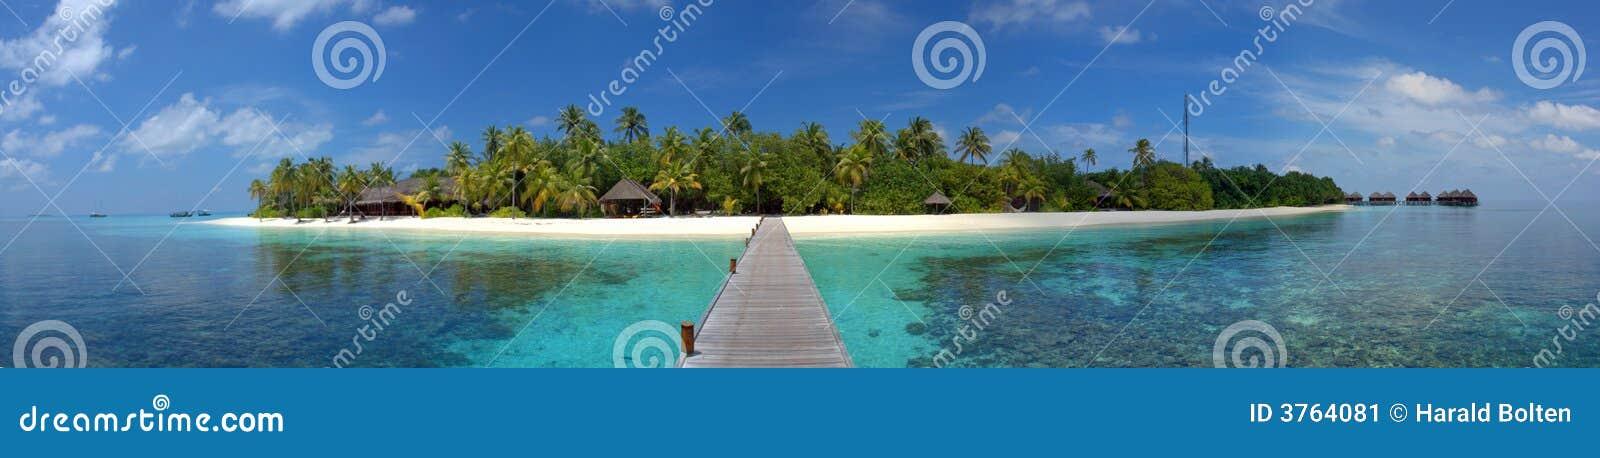 Centro turístico de isla maldiva